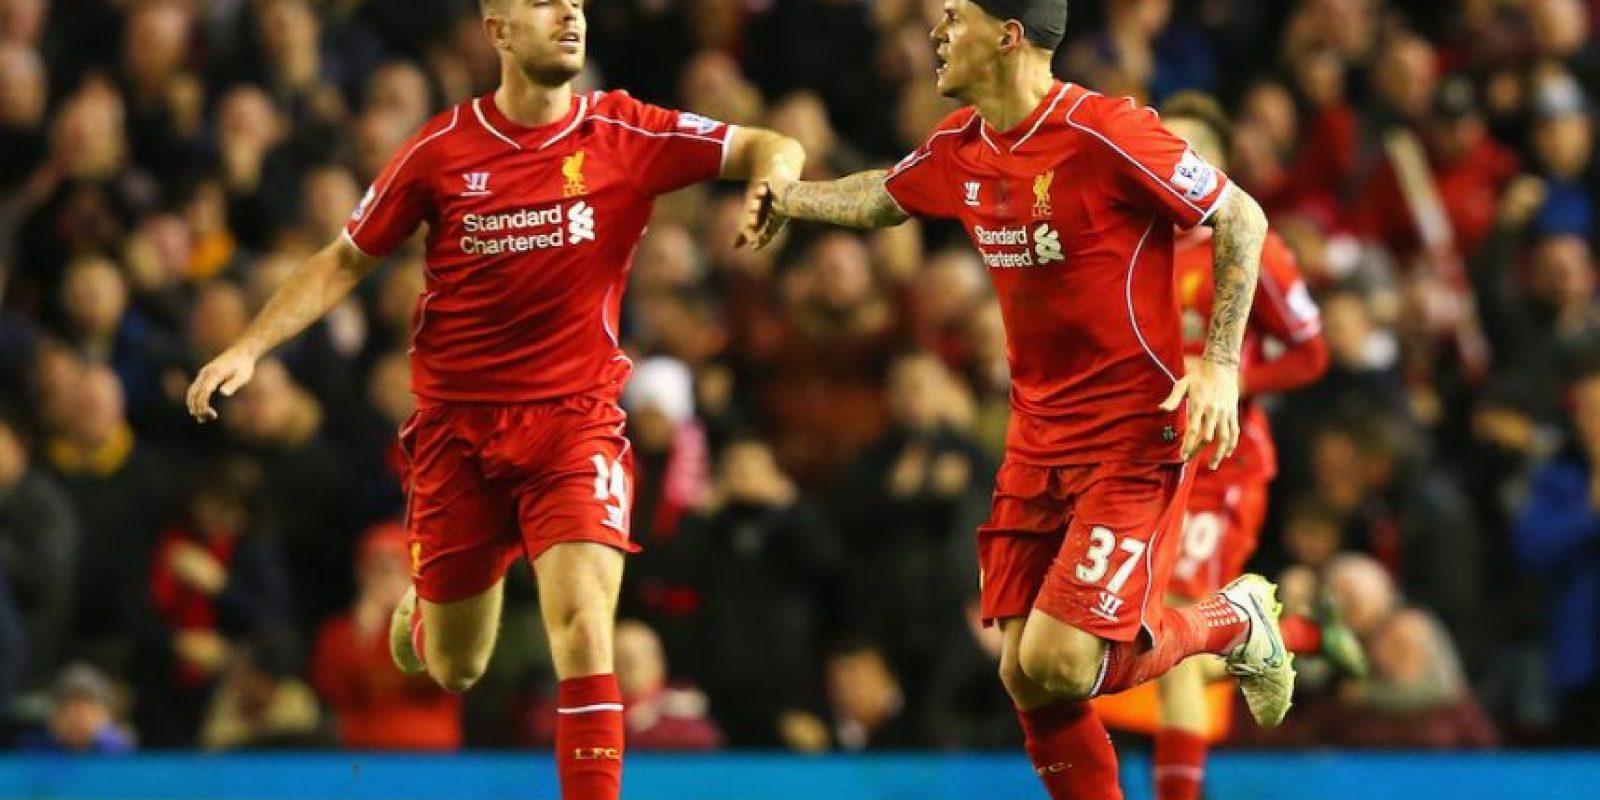 El club de Anfield iba perdiendo al momento del incidente. Foto:Getty Images